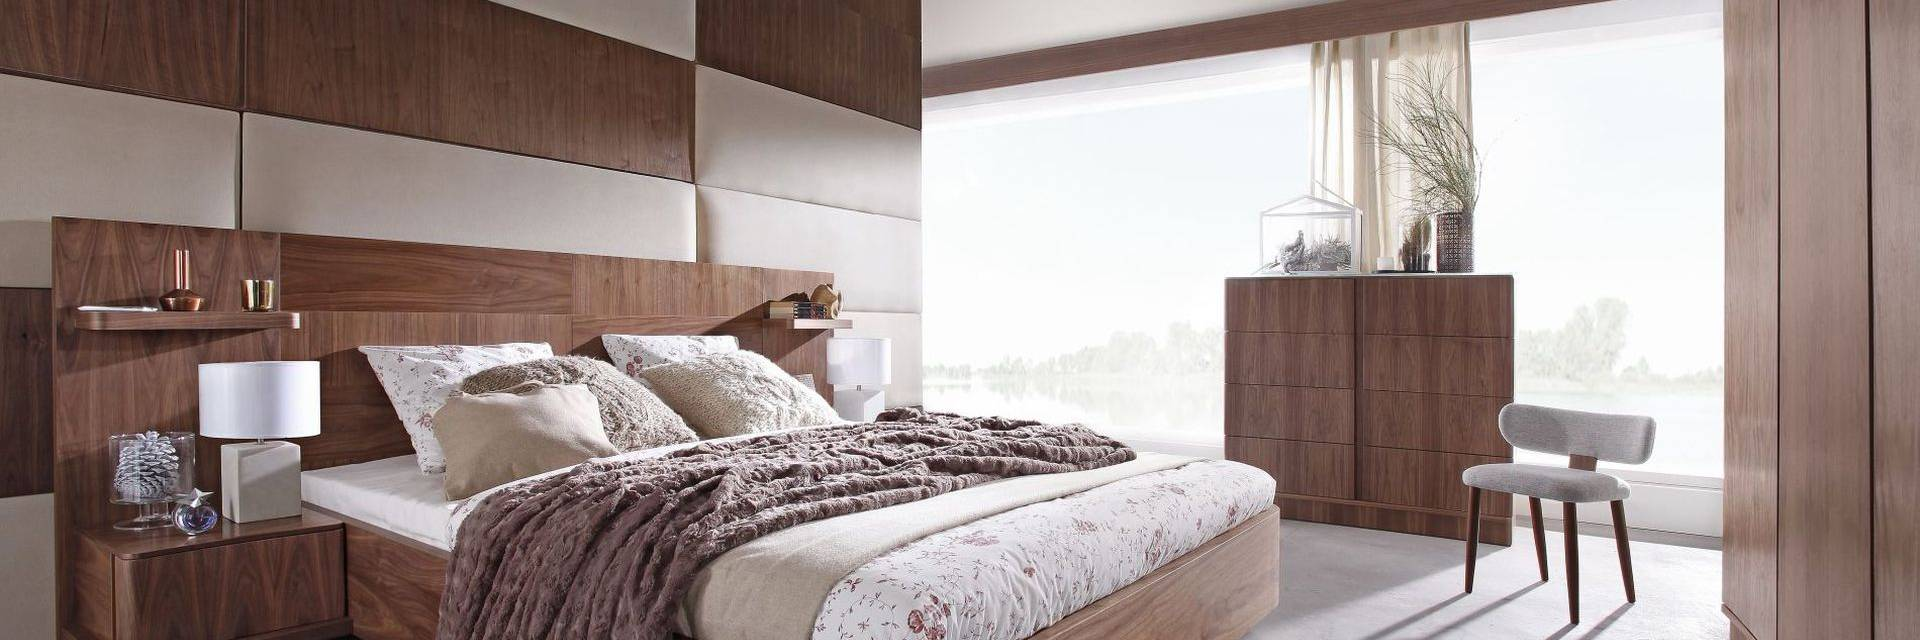 Kolekcja Drewnianych Mebli do Sypialni Ovo